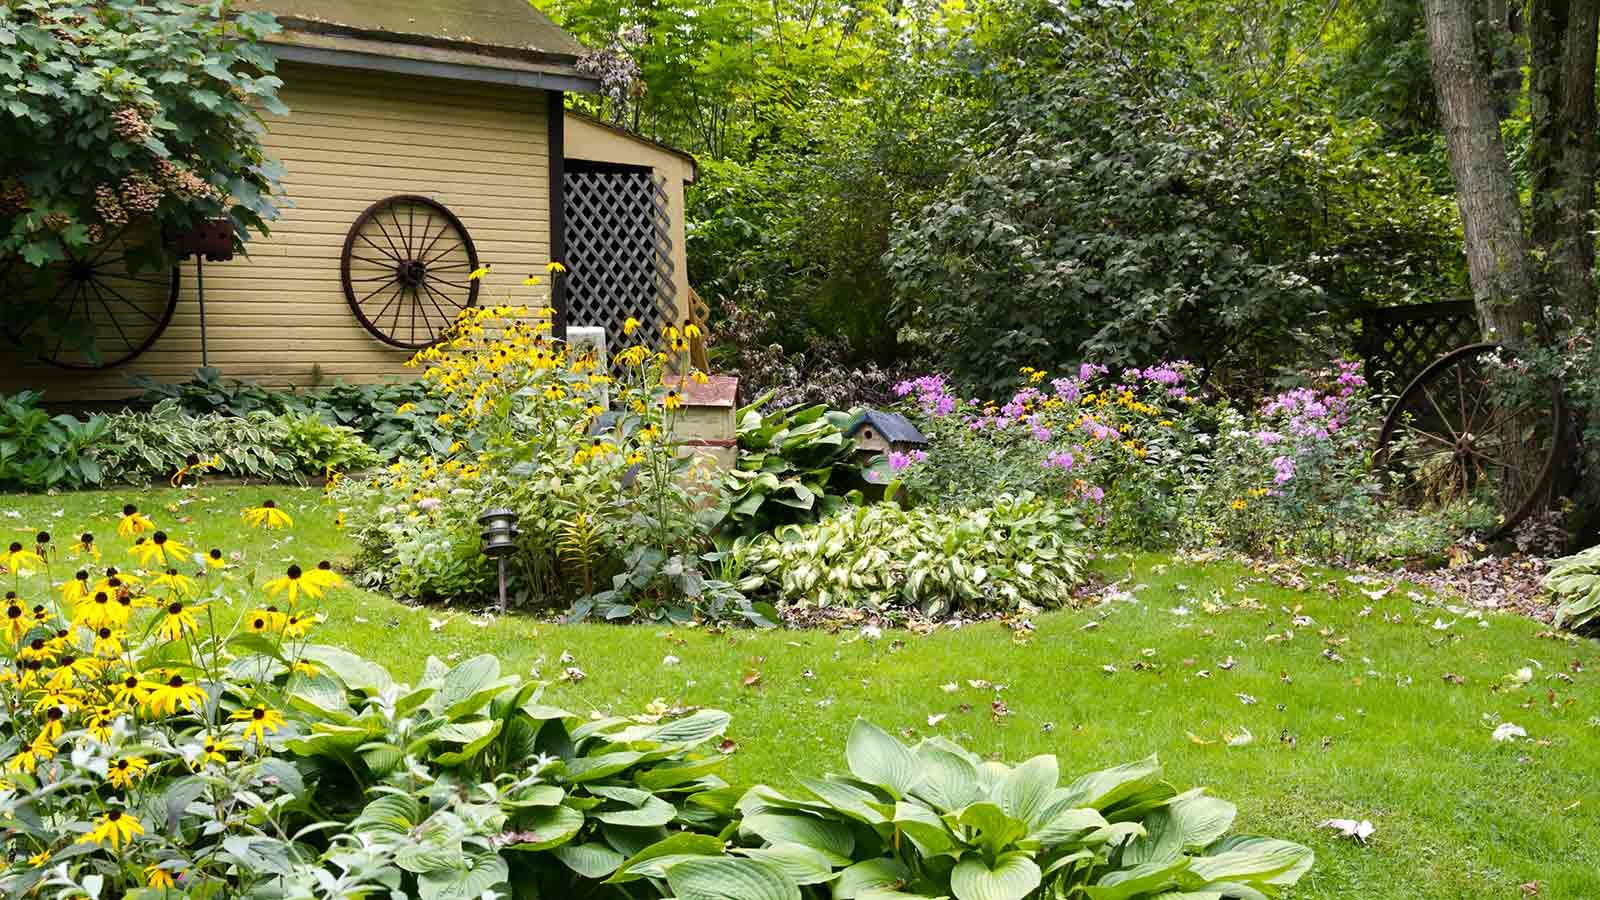 An outbuilding behind a garden.